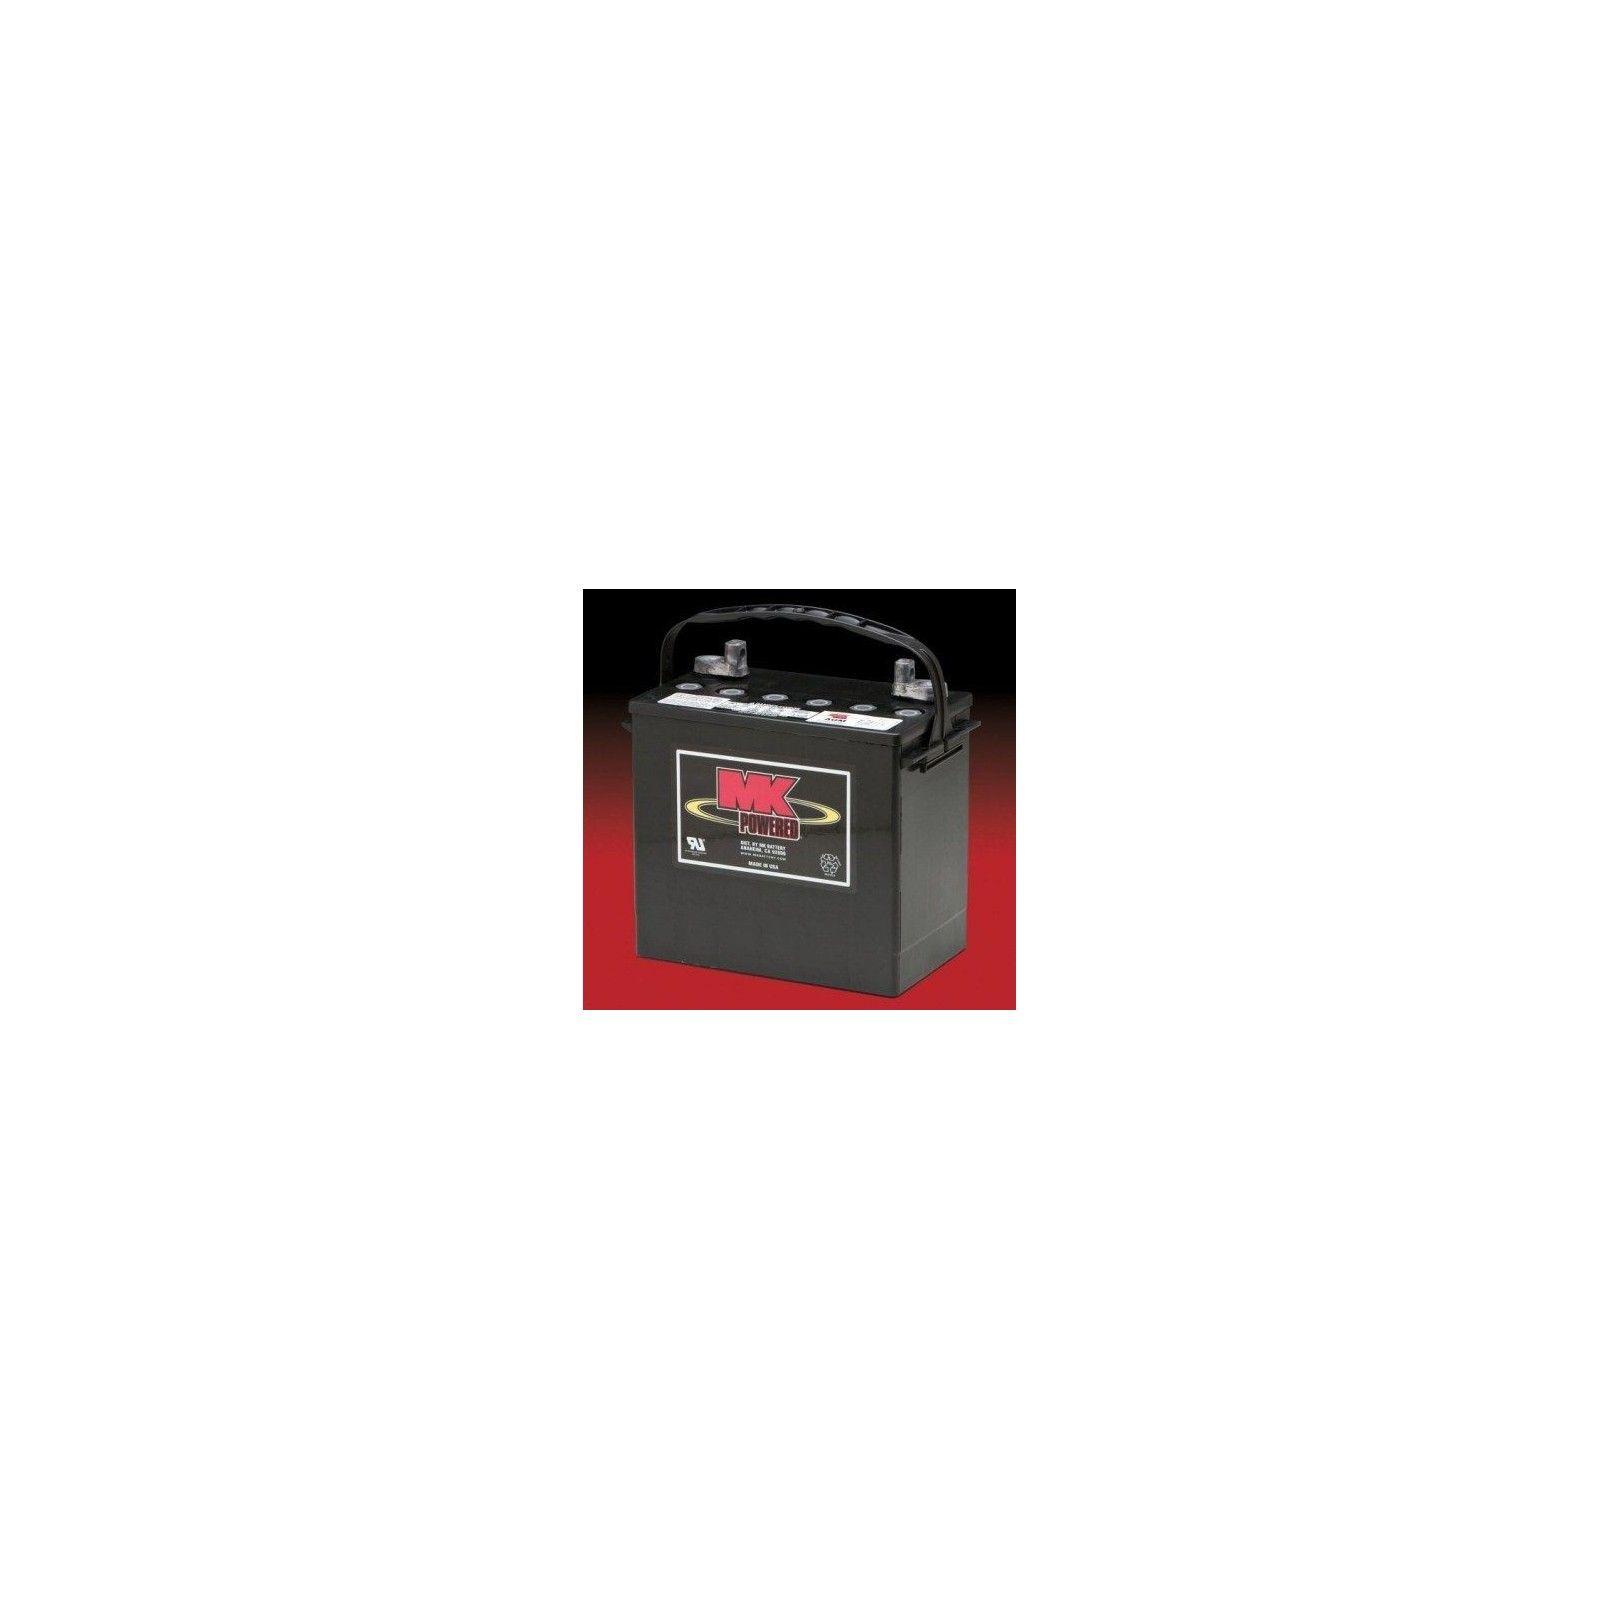 Batería MK 8A22NF 55Ah 12V Agm MK - 1